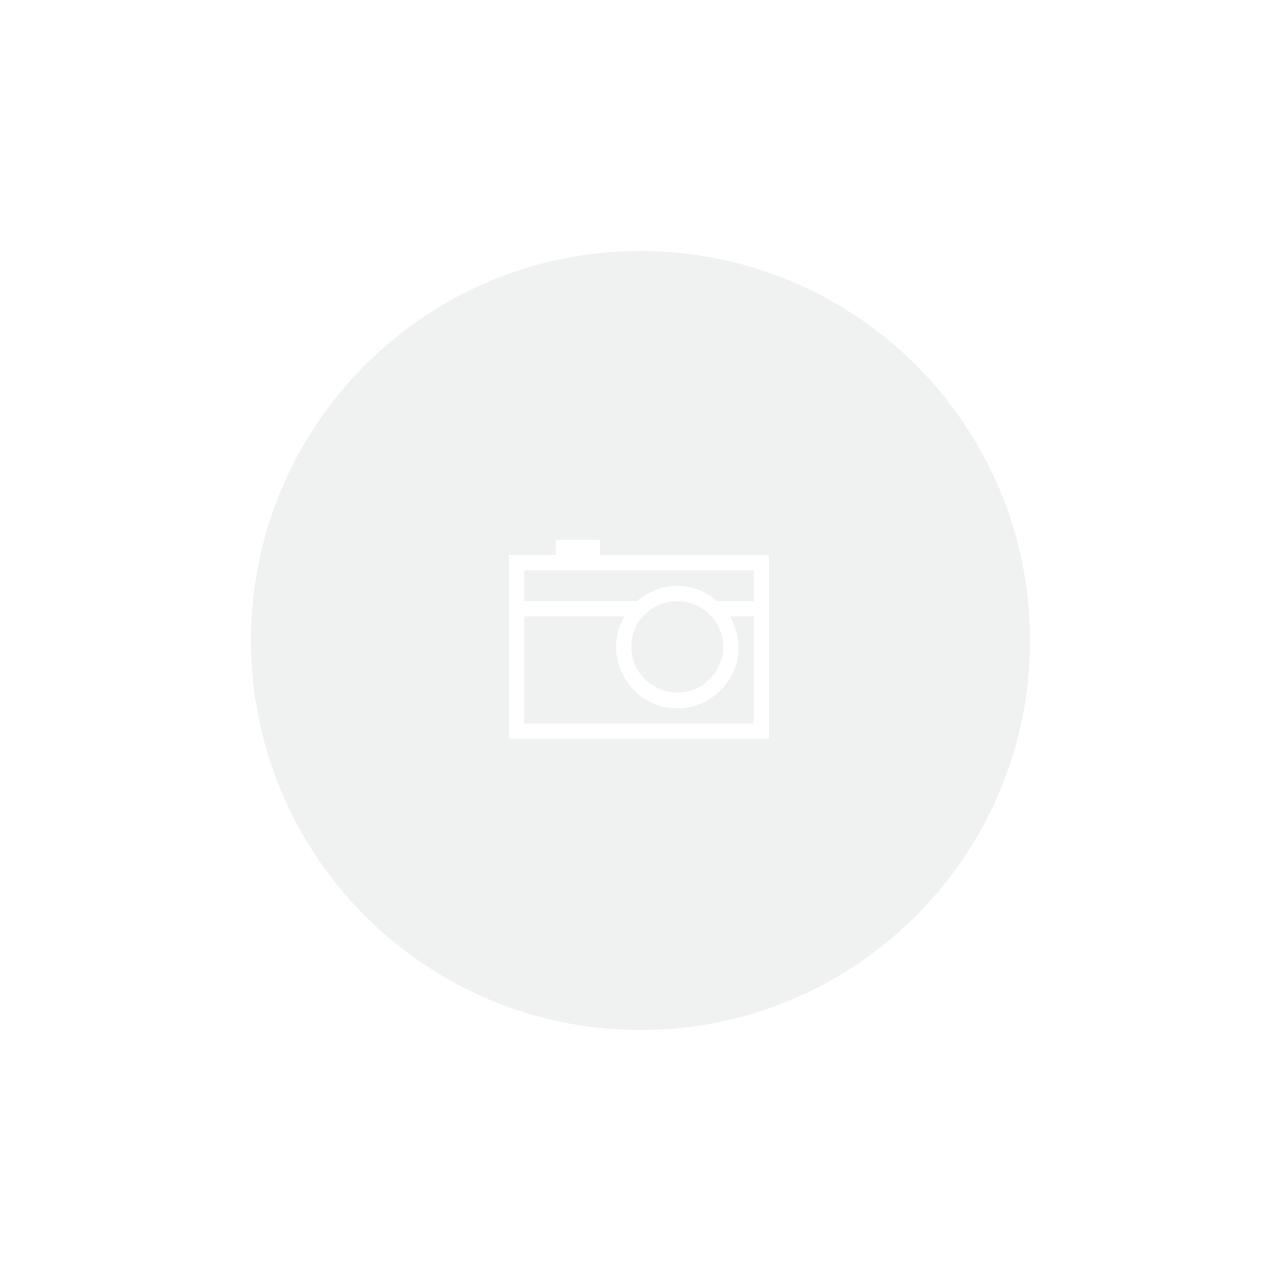 cardiga-manga-flare-014if18